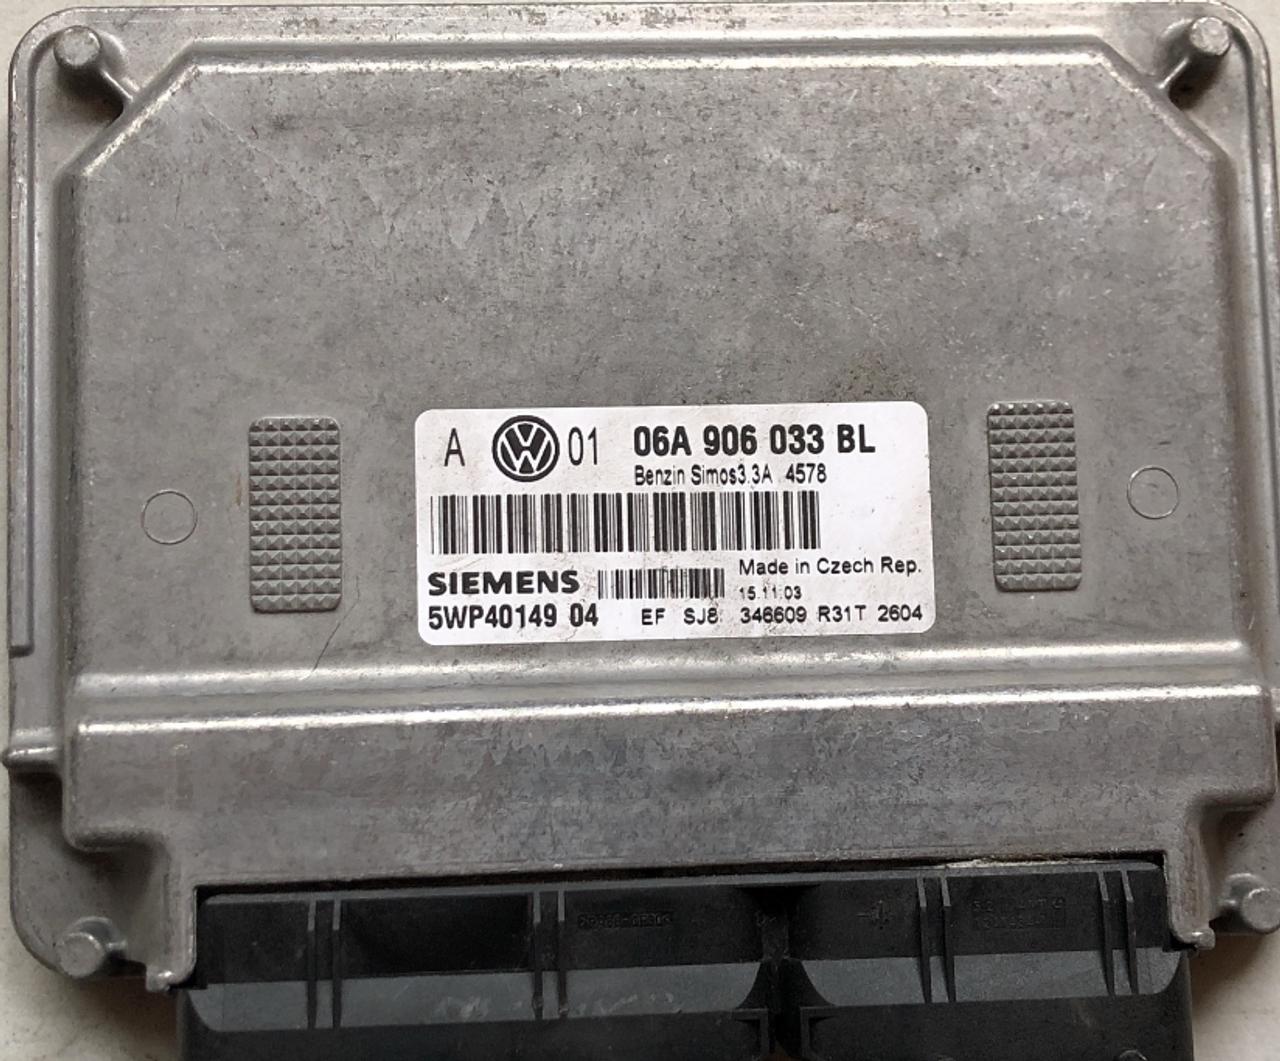 Siemens SIMOS3.3A  06A906033BL  06A 906 033 BL  5WP40149 04